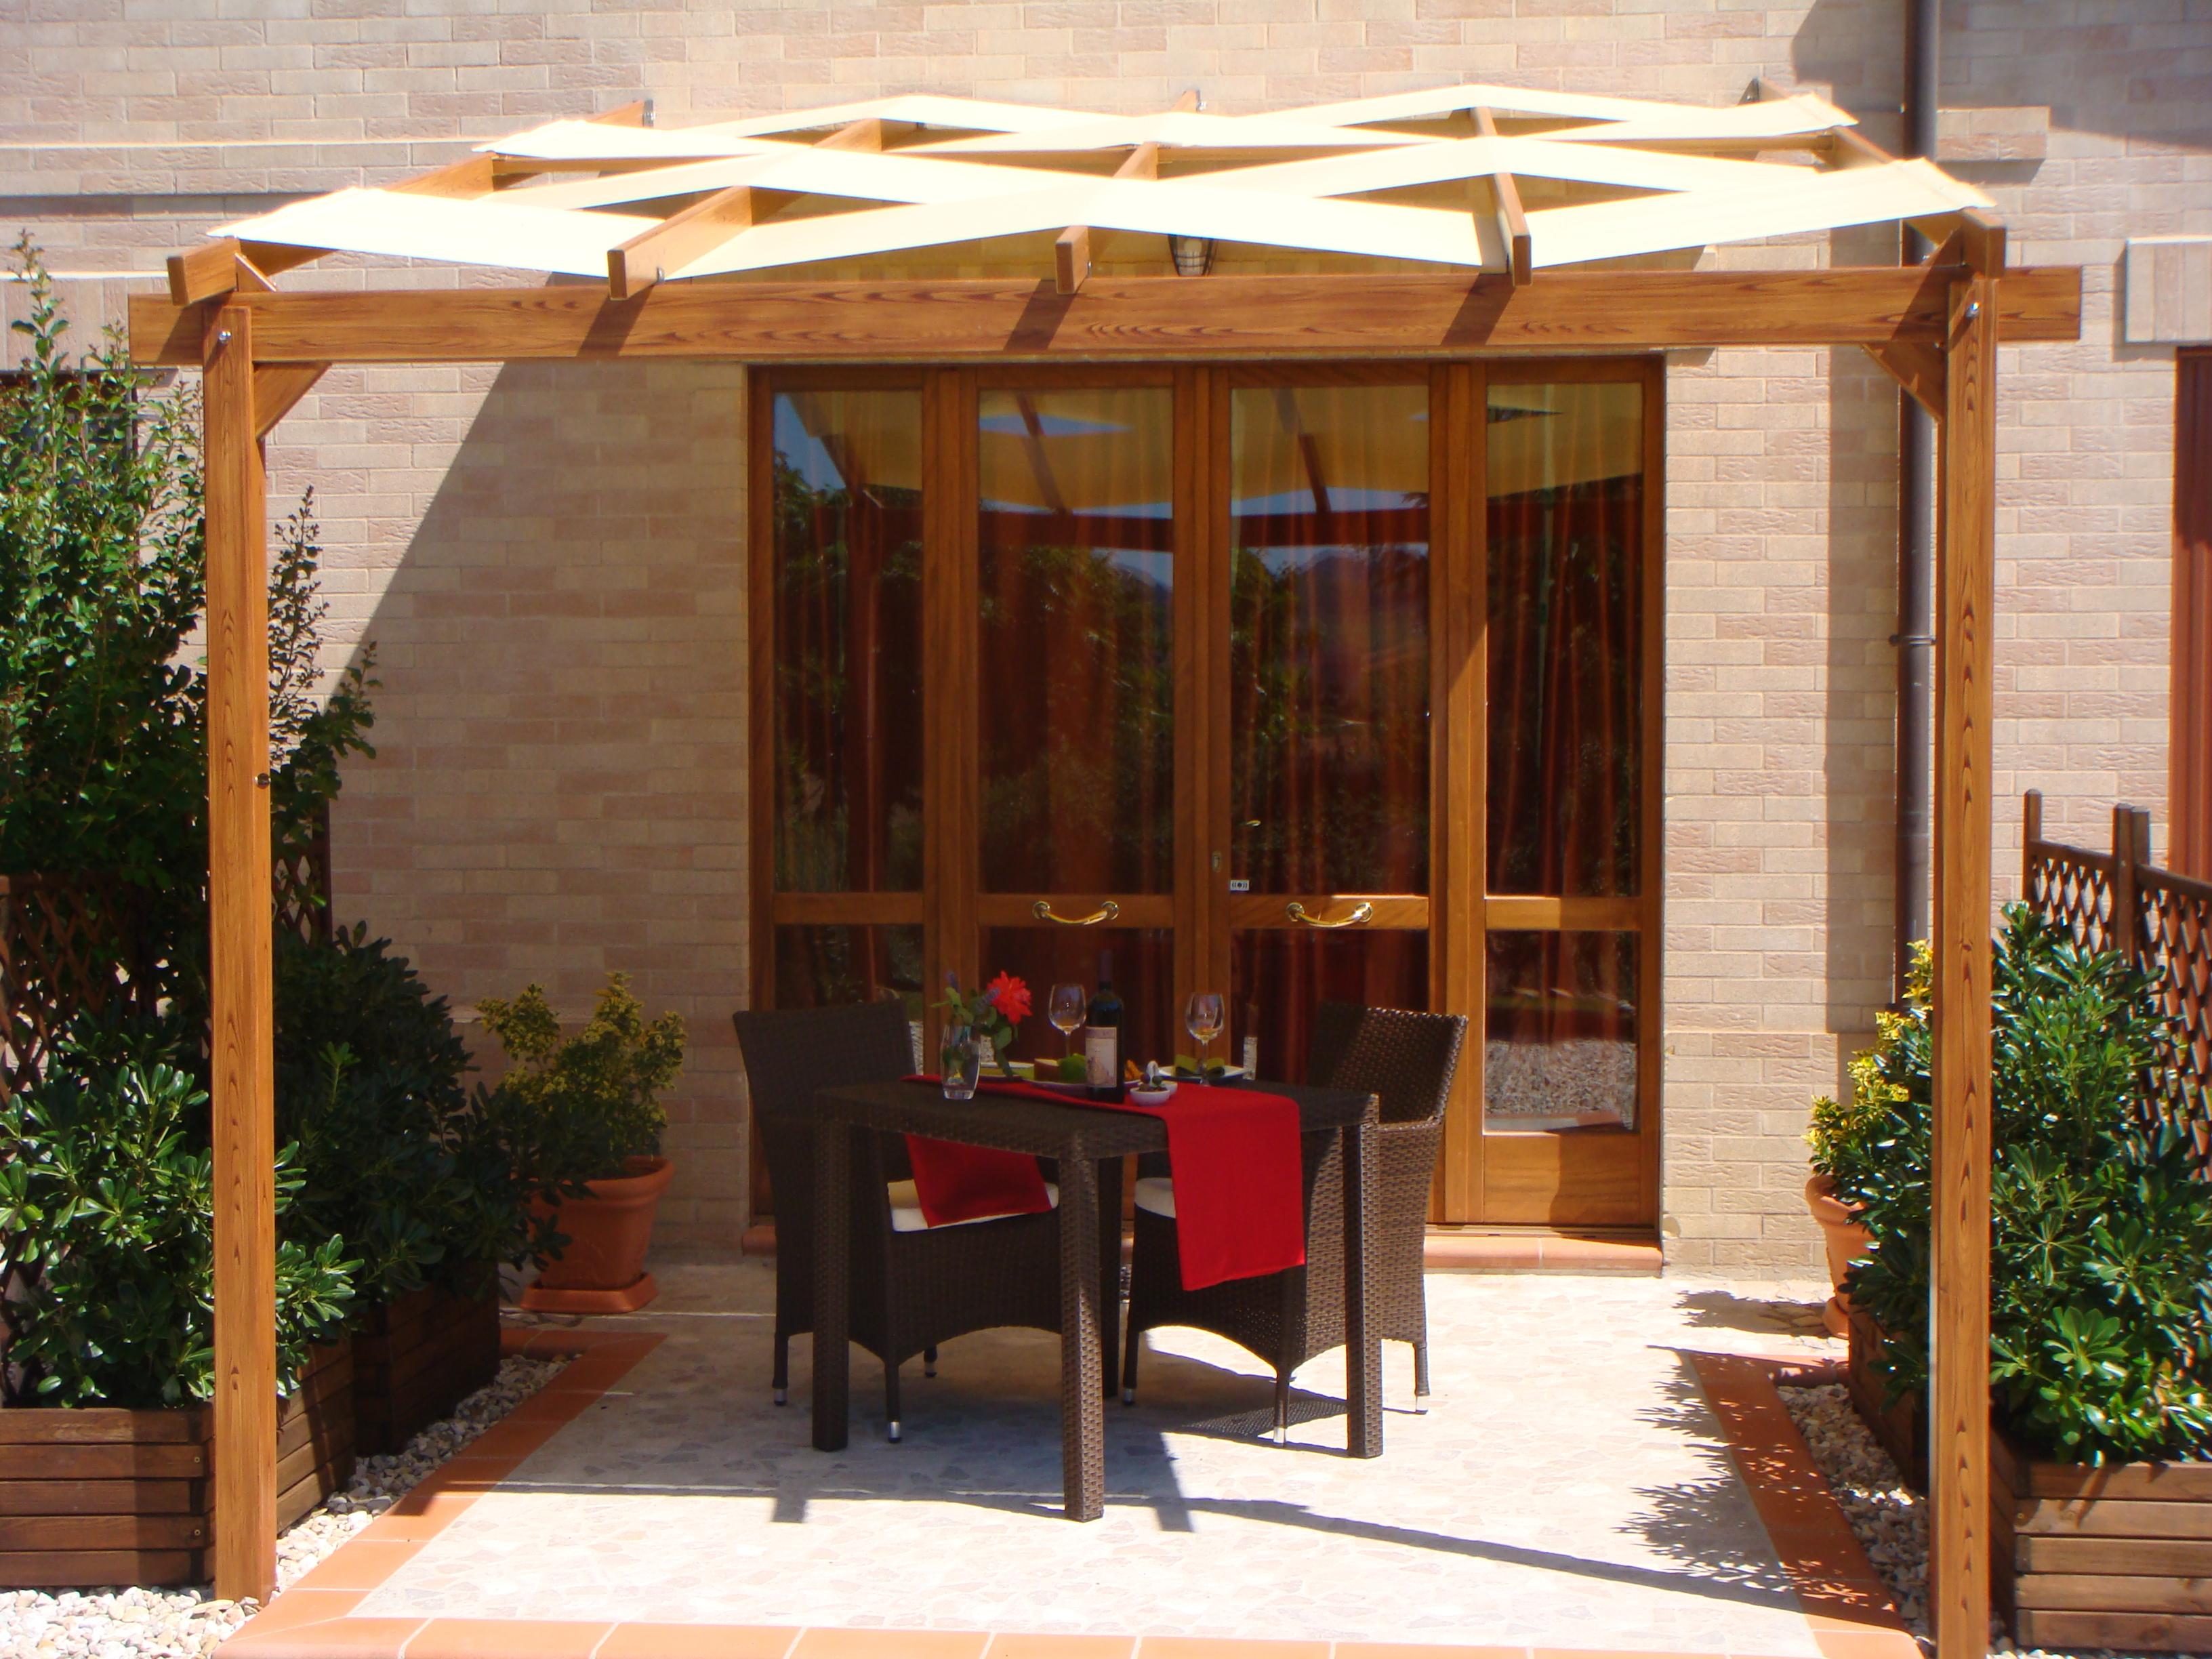 Villa Miramonti-Cardellino terrace